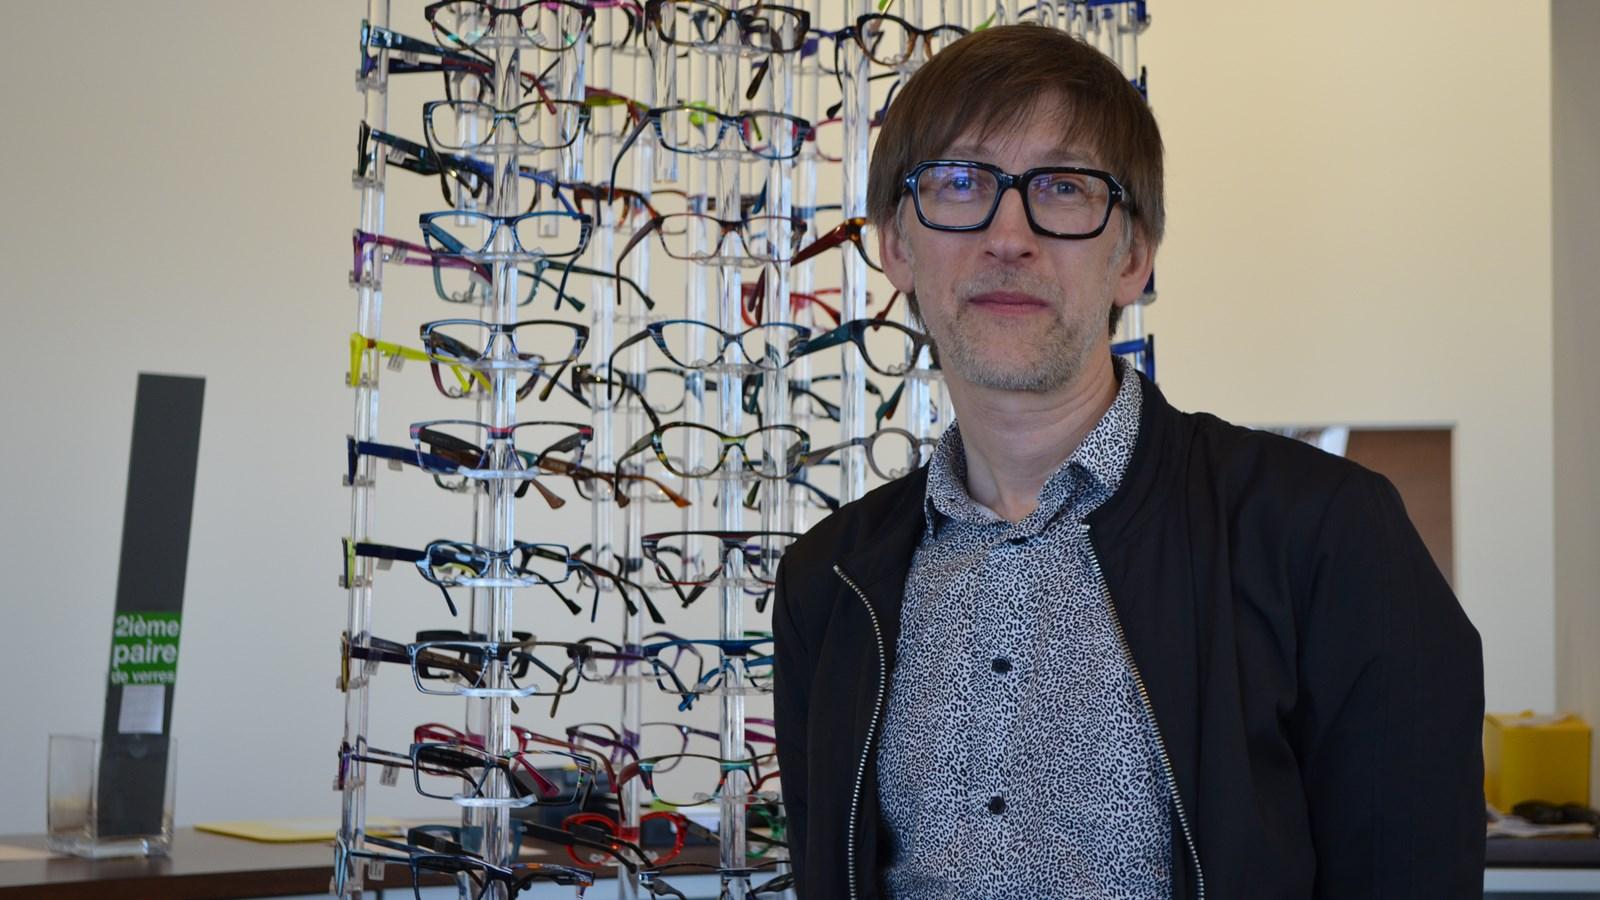 Un opticien de Fabreville se fait voler 140 paires de lunettes - L'Écho de Laval